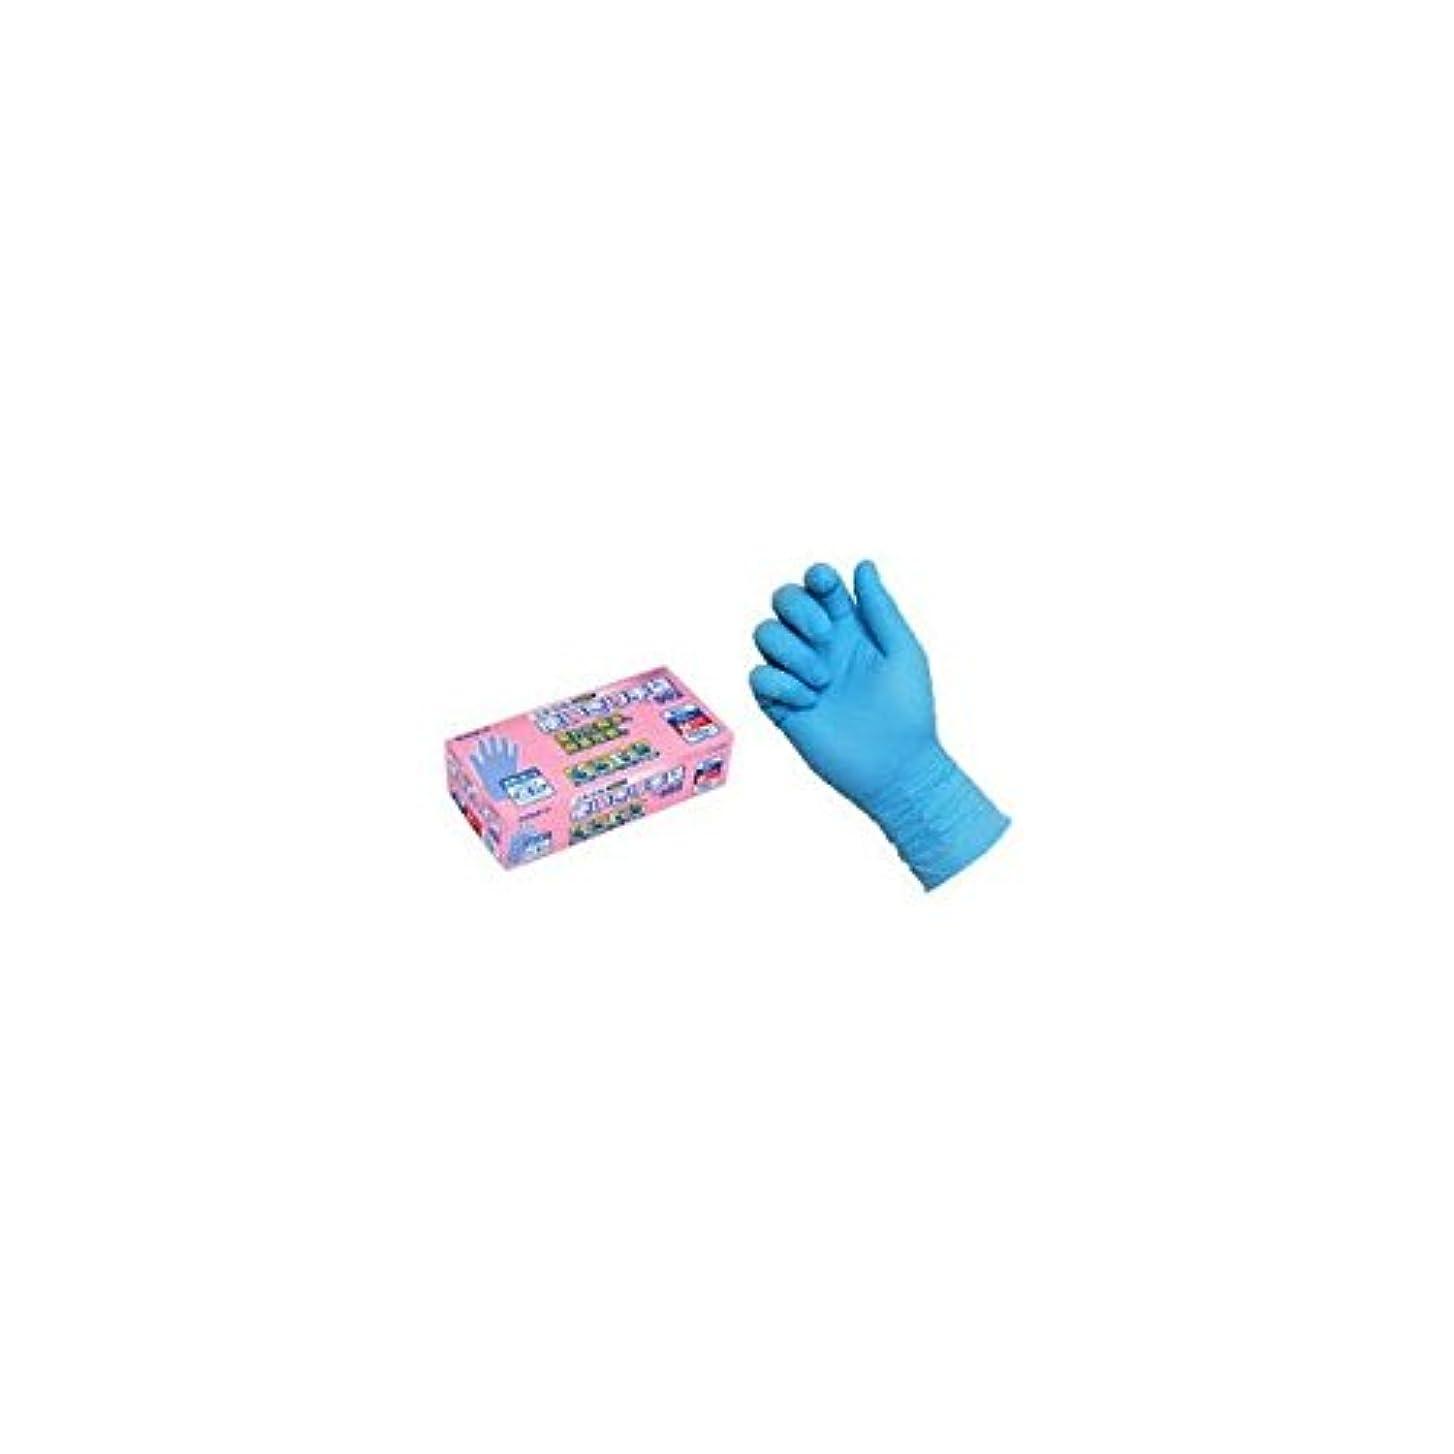 うんコメンテーター急性ニトリル使いきり手袋 PF NO.992 L ブルー エステー 【商品CD】ST4786